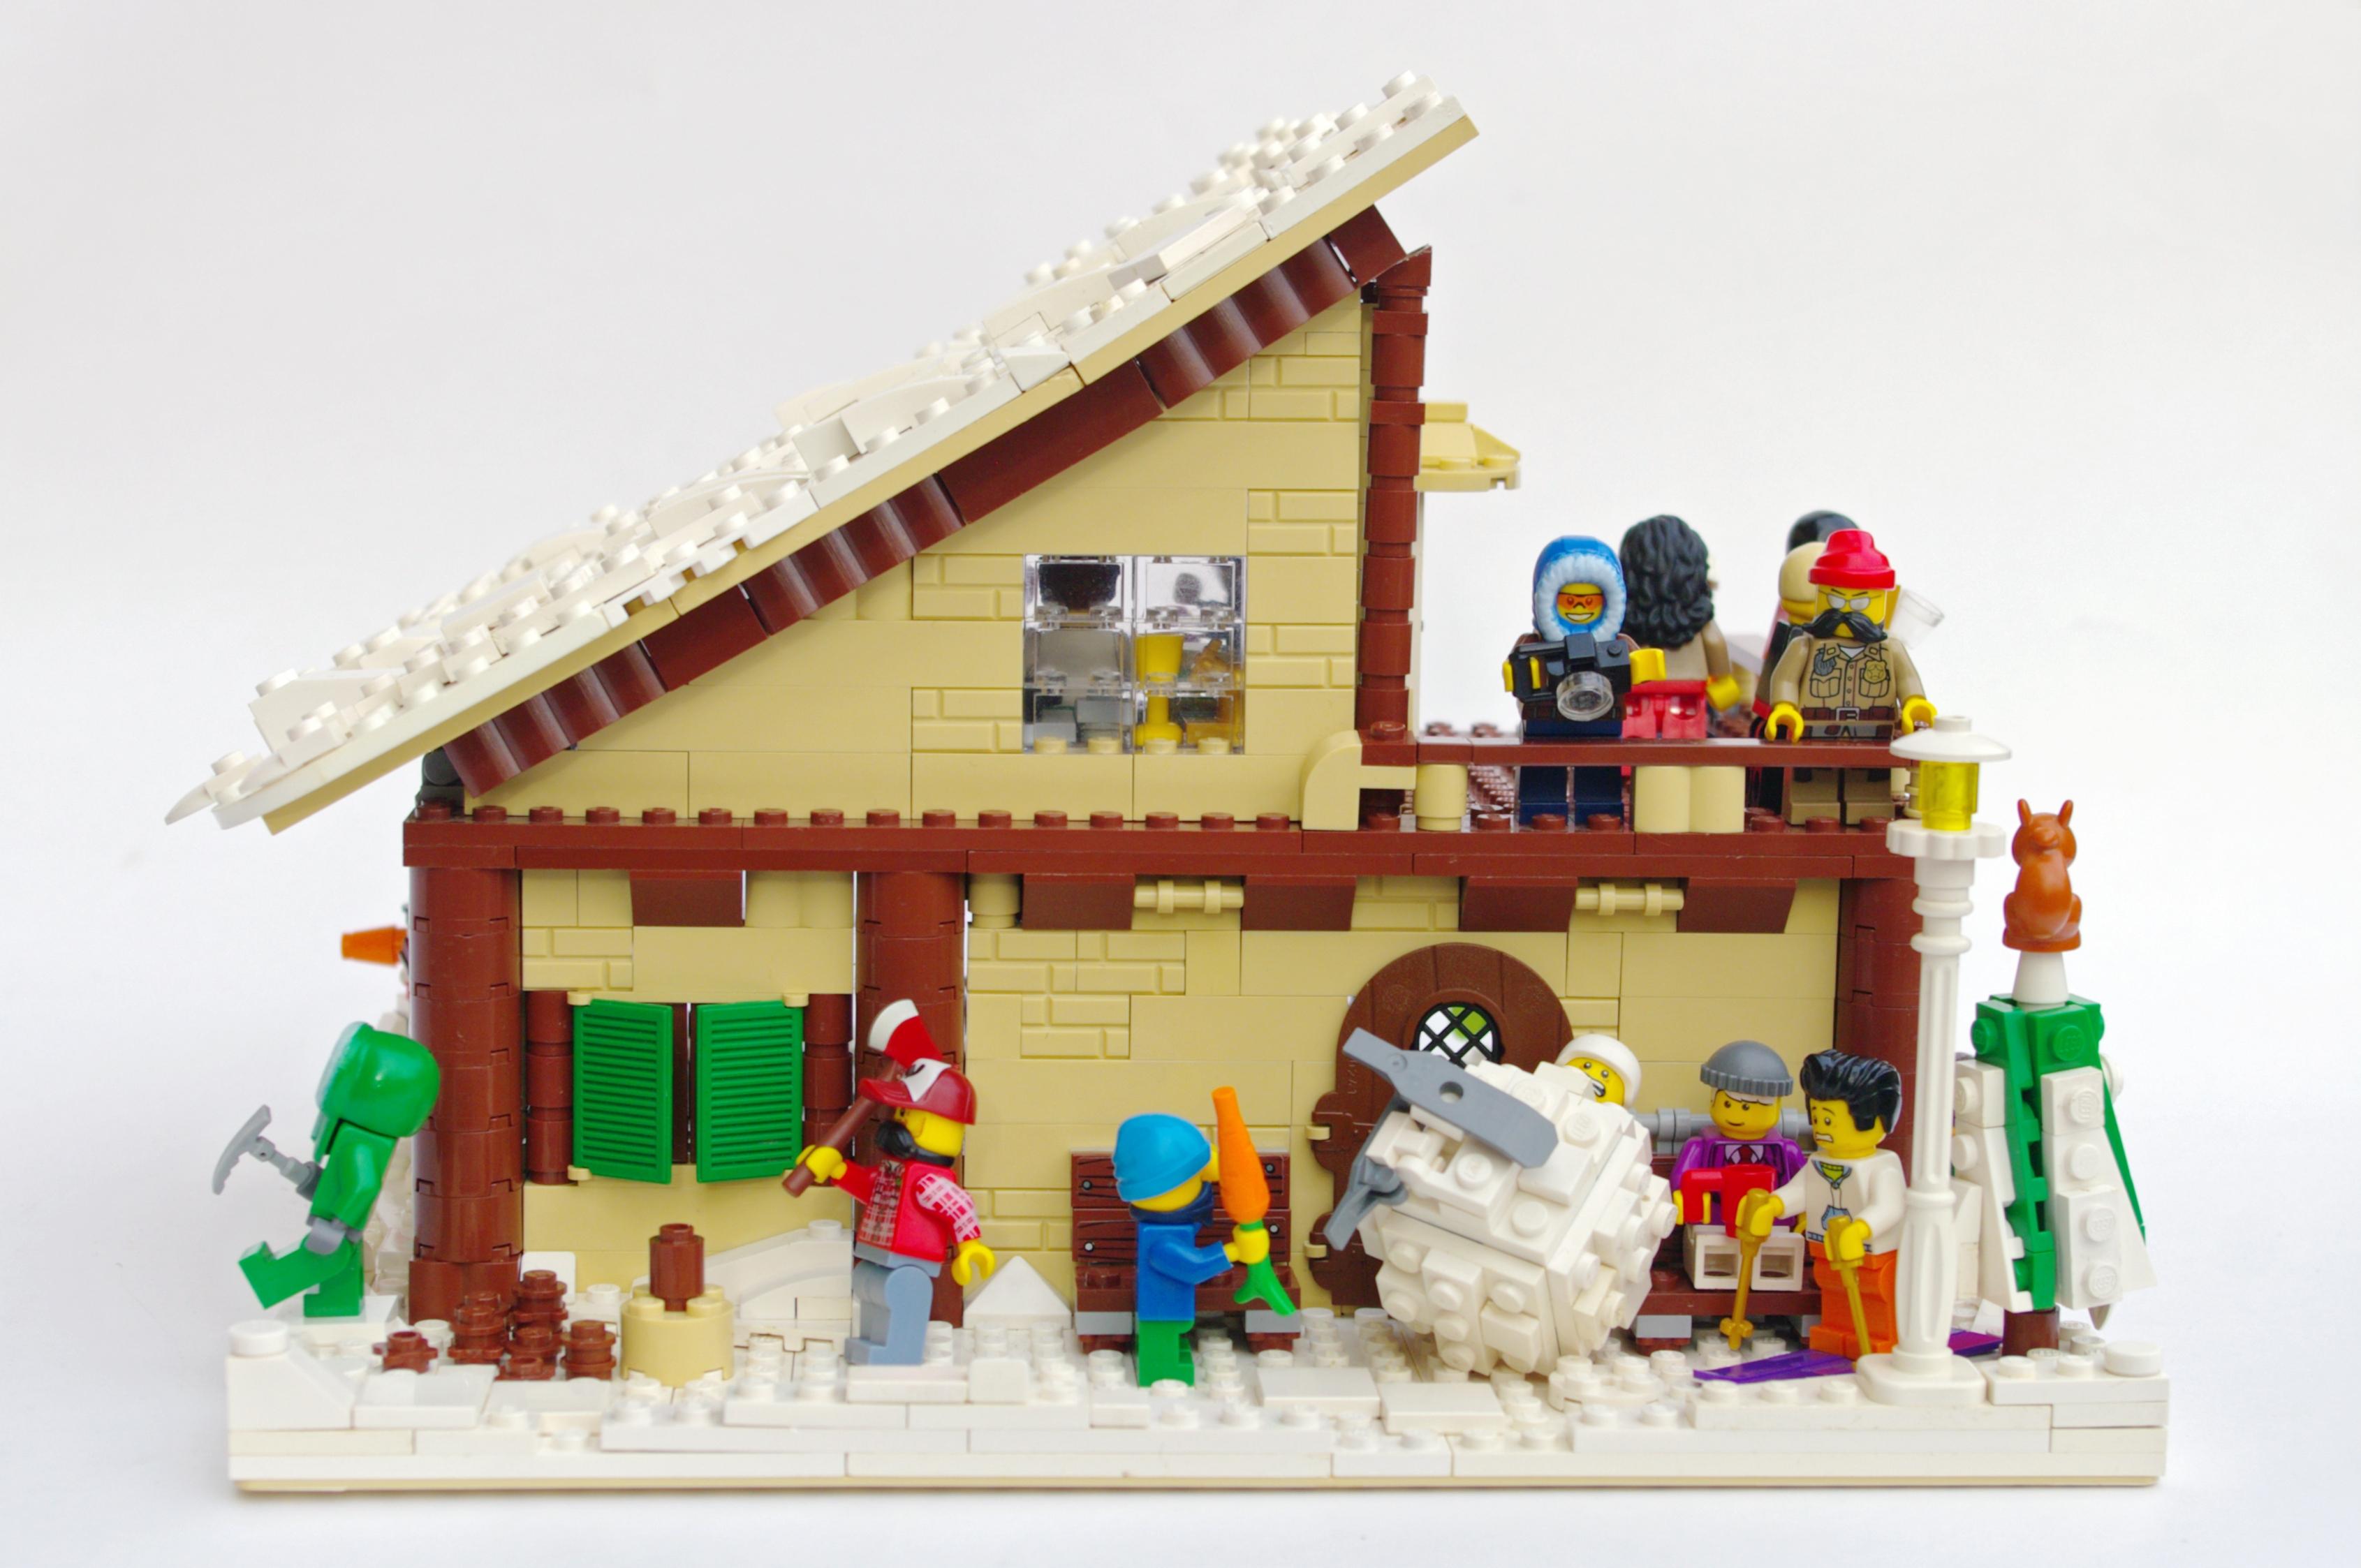 Concurs Winter Brickland – Creatia 8: Cabin in Winter